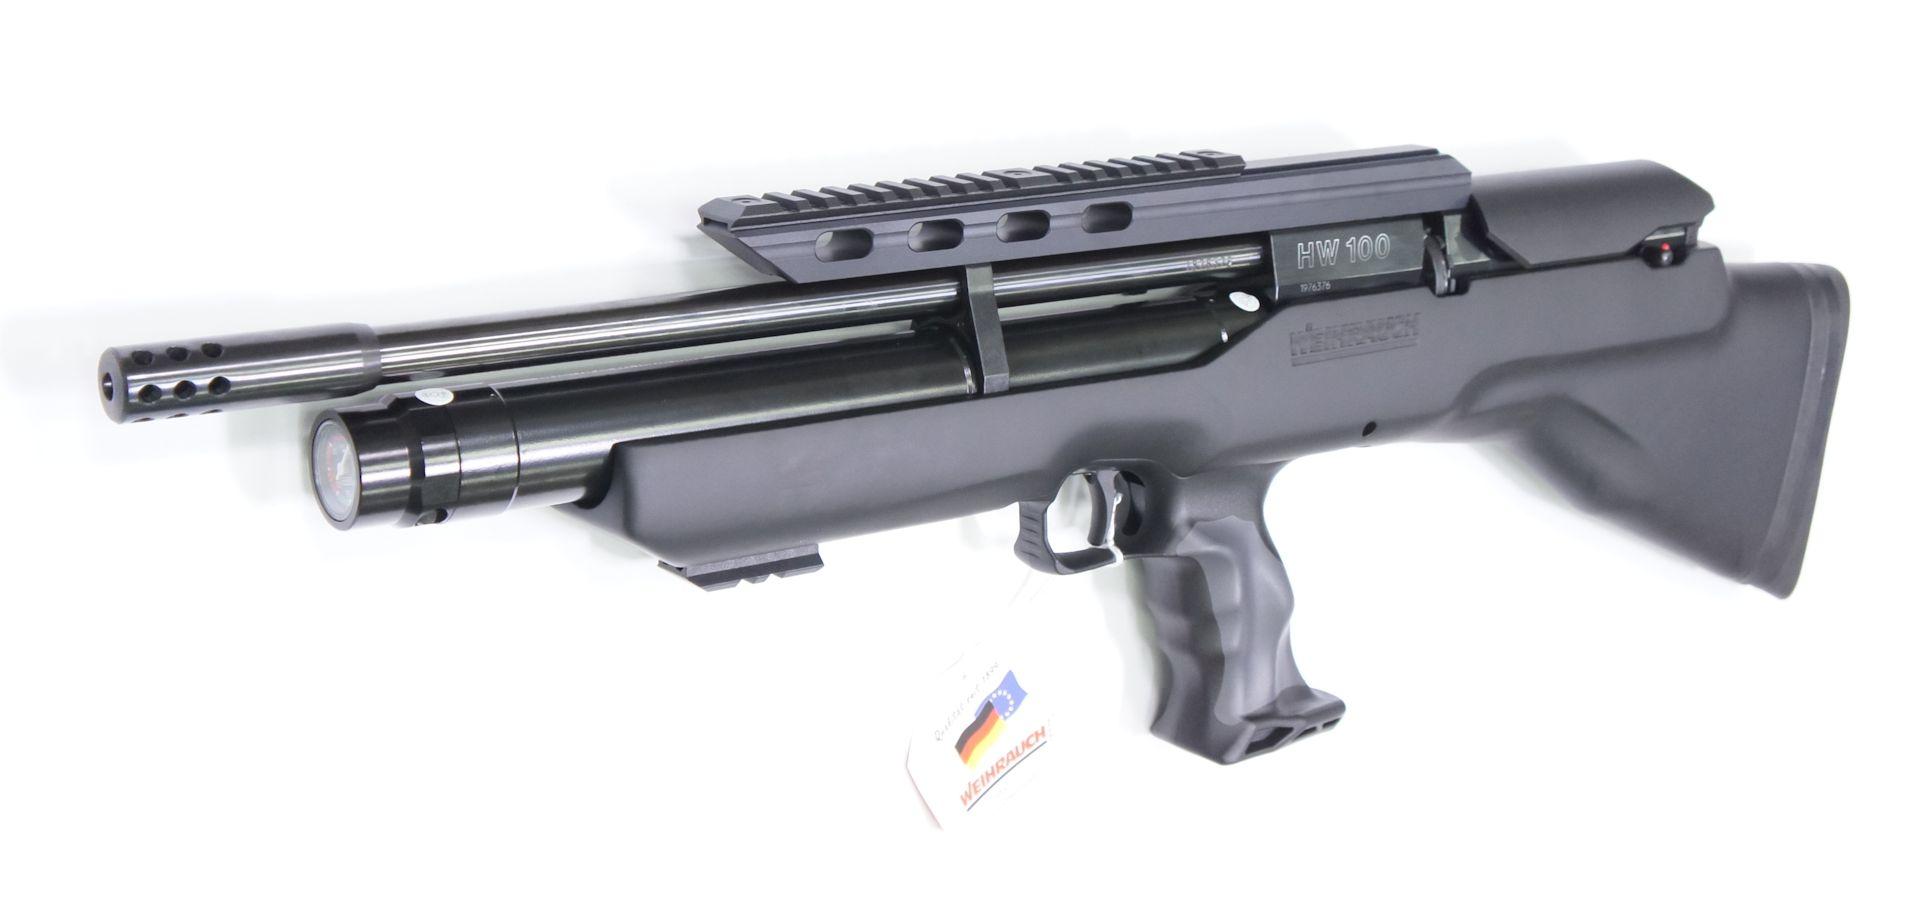 Bei diesem neuen Gewehr ist praktisch das System nach hinten in den Schaft versetzt und der Abzugsmechanismus nach vorne verlagert.